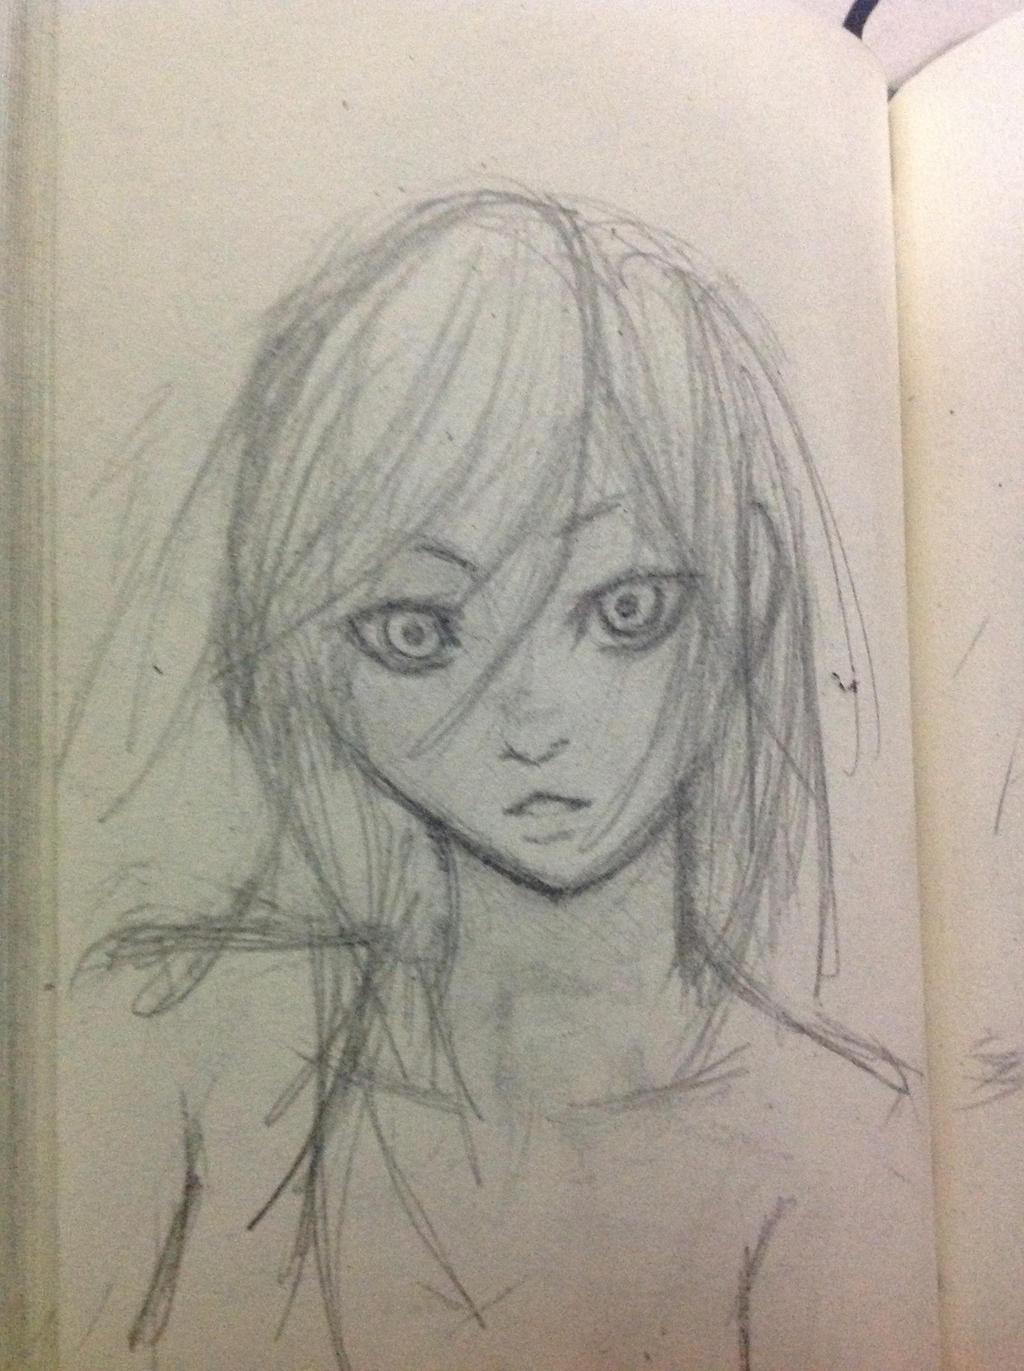 Girl sketch by Demon-Shinob1